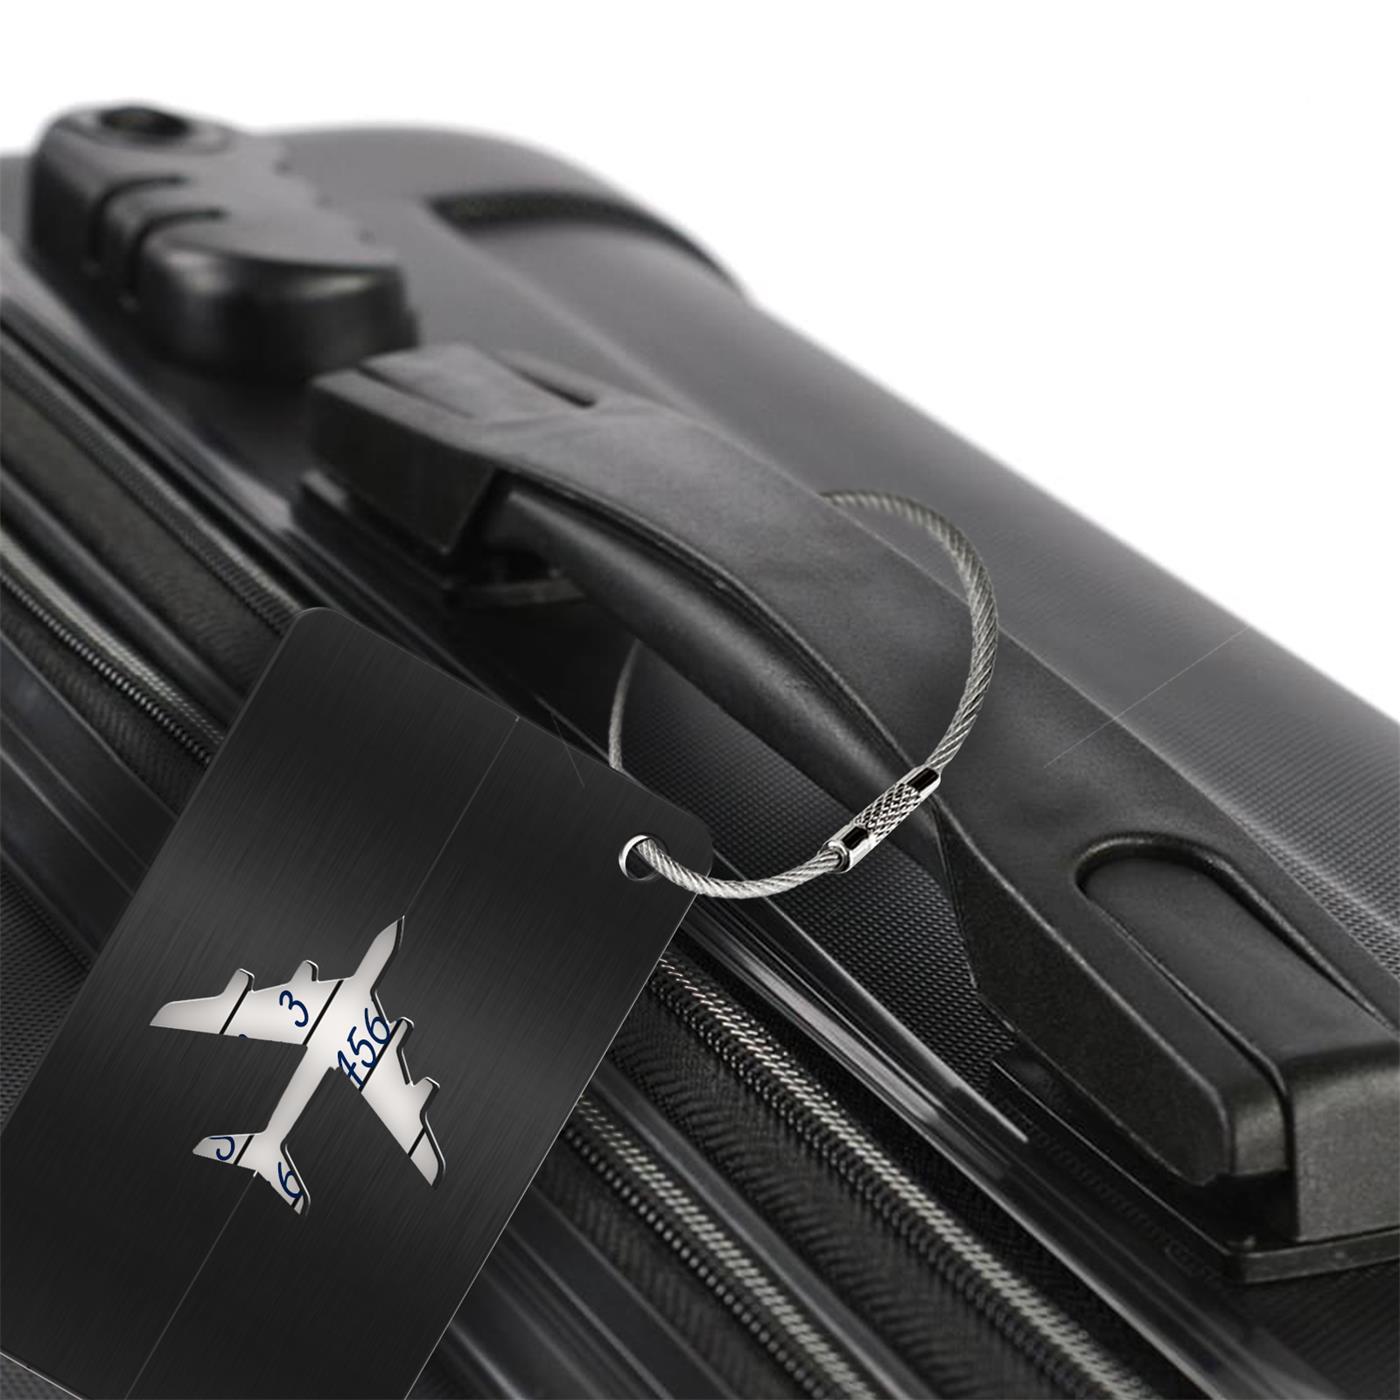 Reise-Kofferanhaenger-Namensschild-Gepaeck-Anhaenger-Schild-Urlaub-Flugzeug-Trolley Indexbild 21